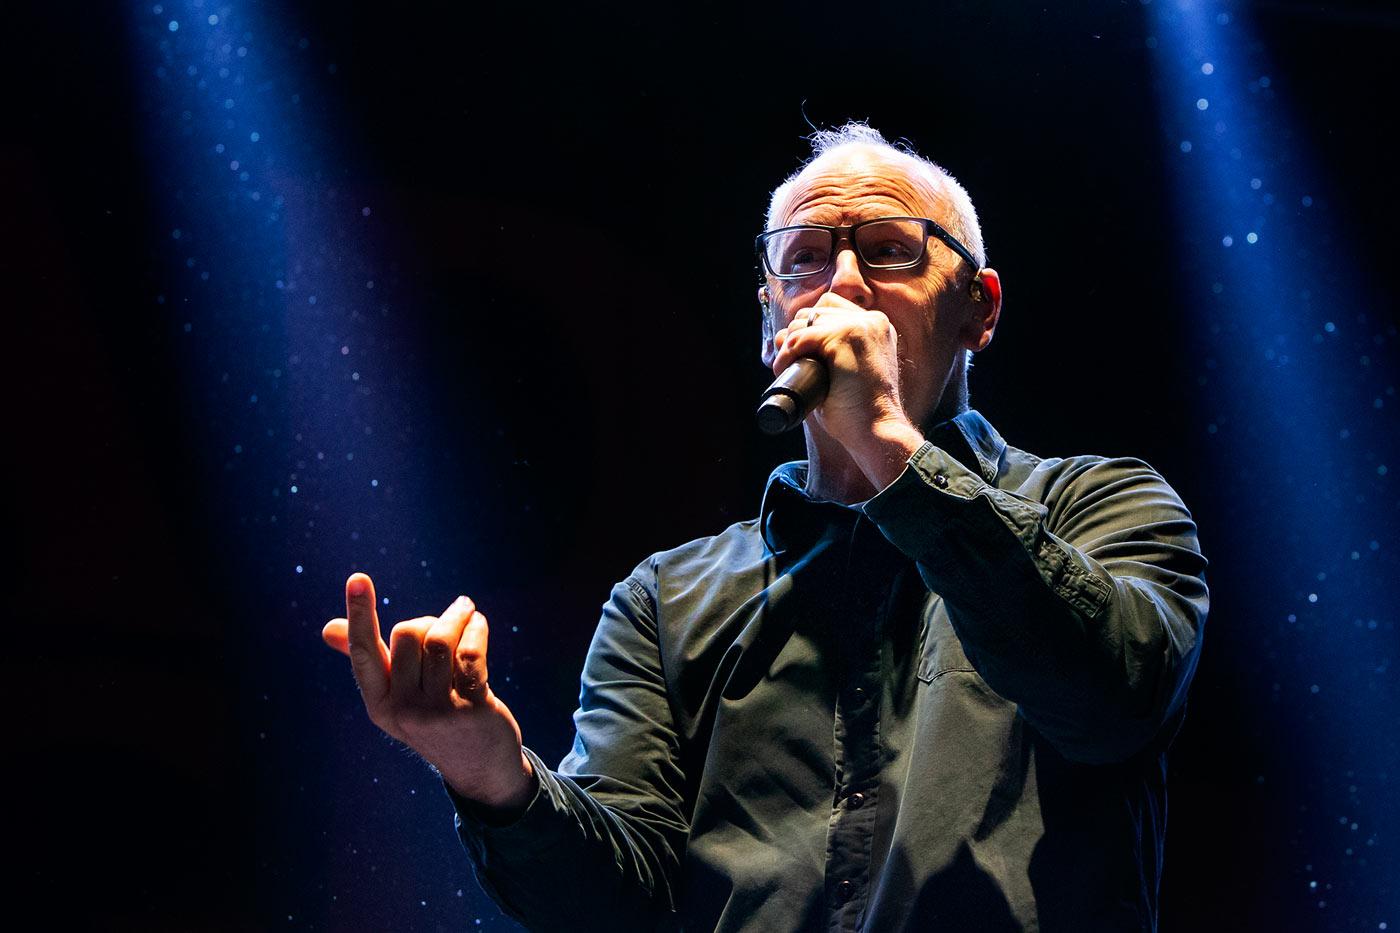 Bad Religion anuncian gira con Suicidal Tendencies y Millencolin